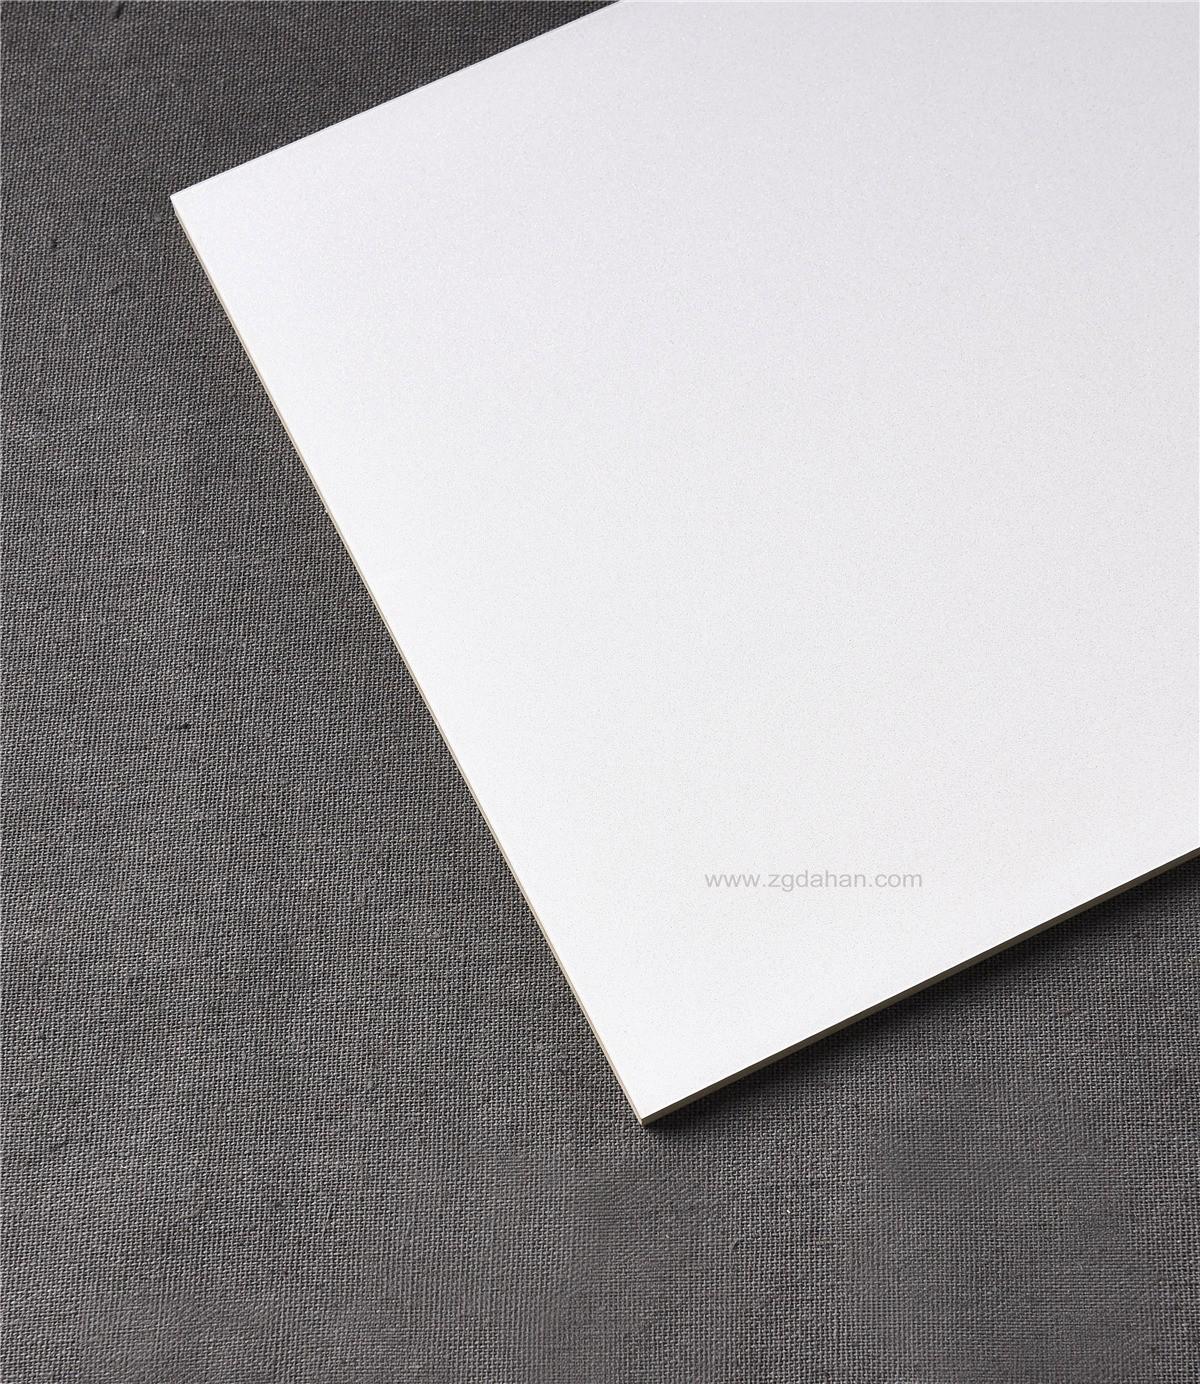 High Gloss Acrylic Composite Wall Panel